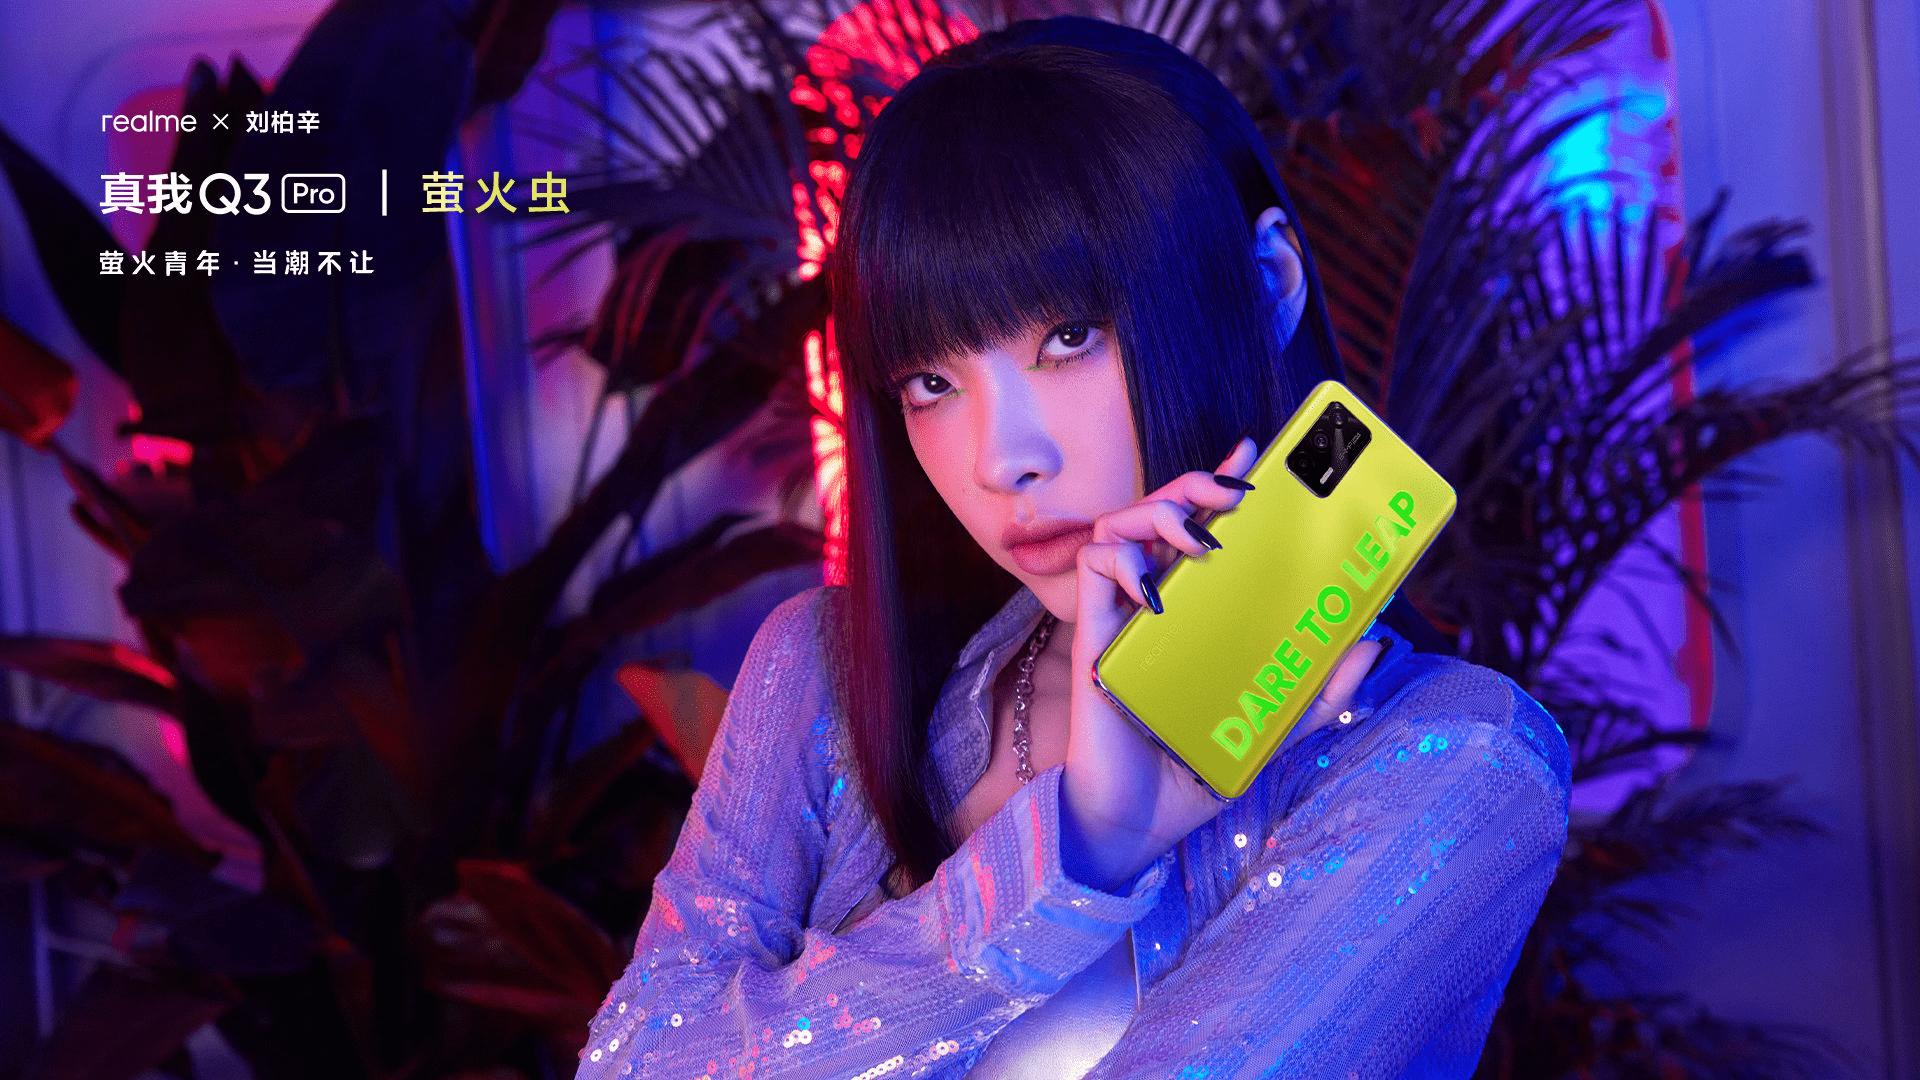 千元机皇预定!realme Q3系列将时尚潮流玩到飞起